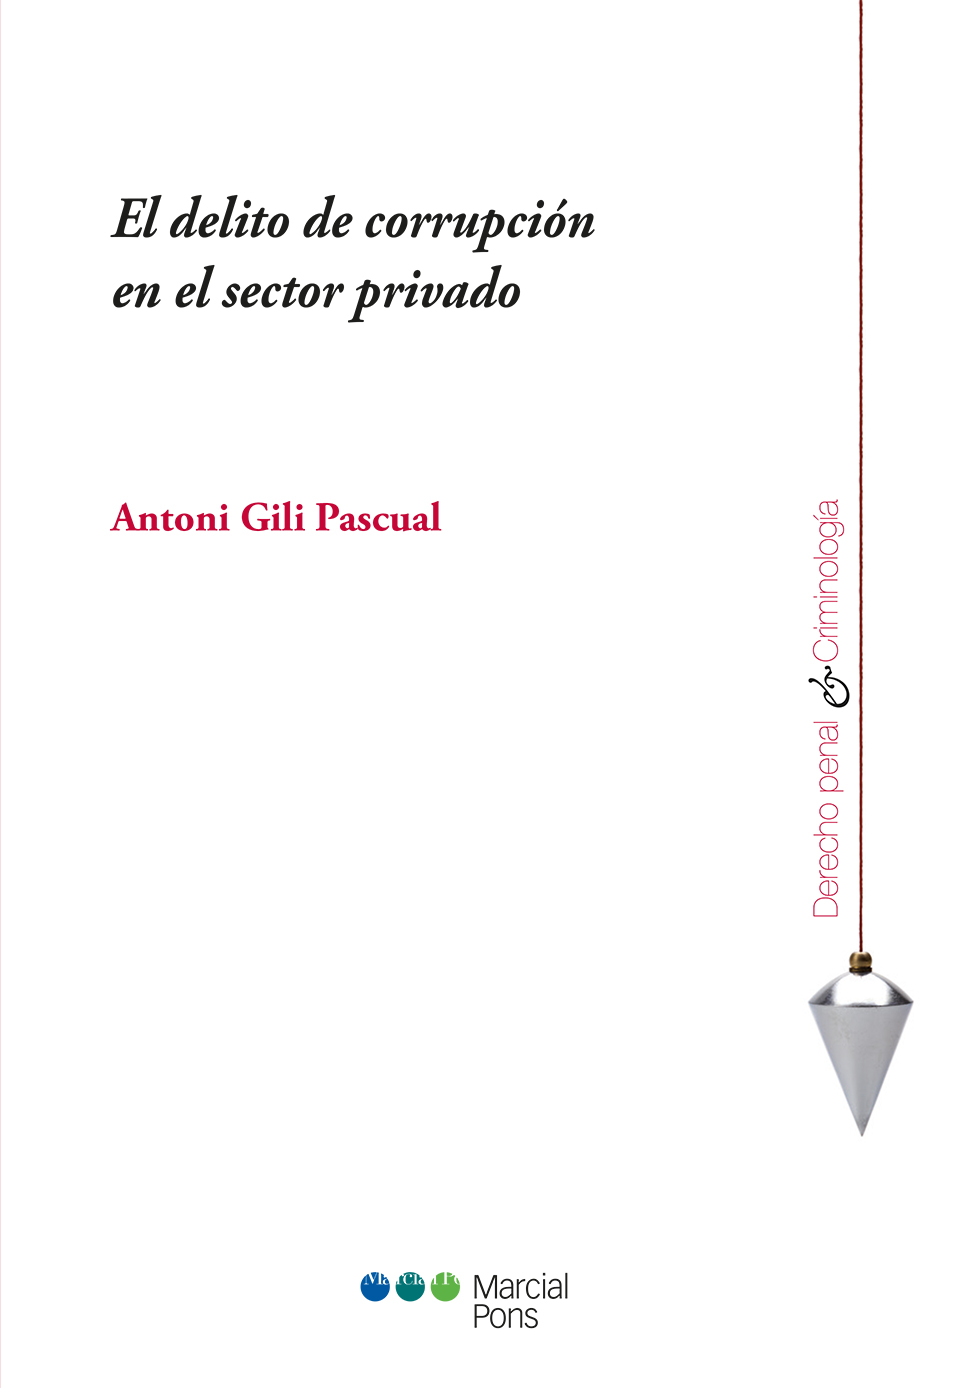 Portada del libro El delito de corrupción en el sector privado